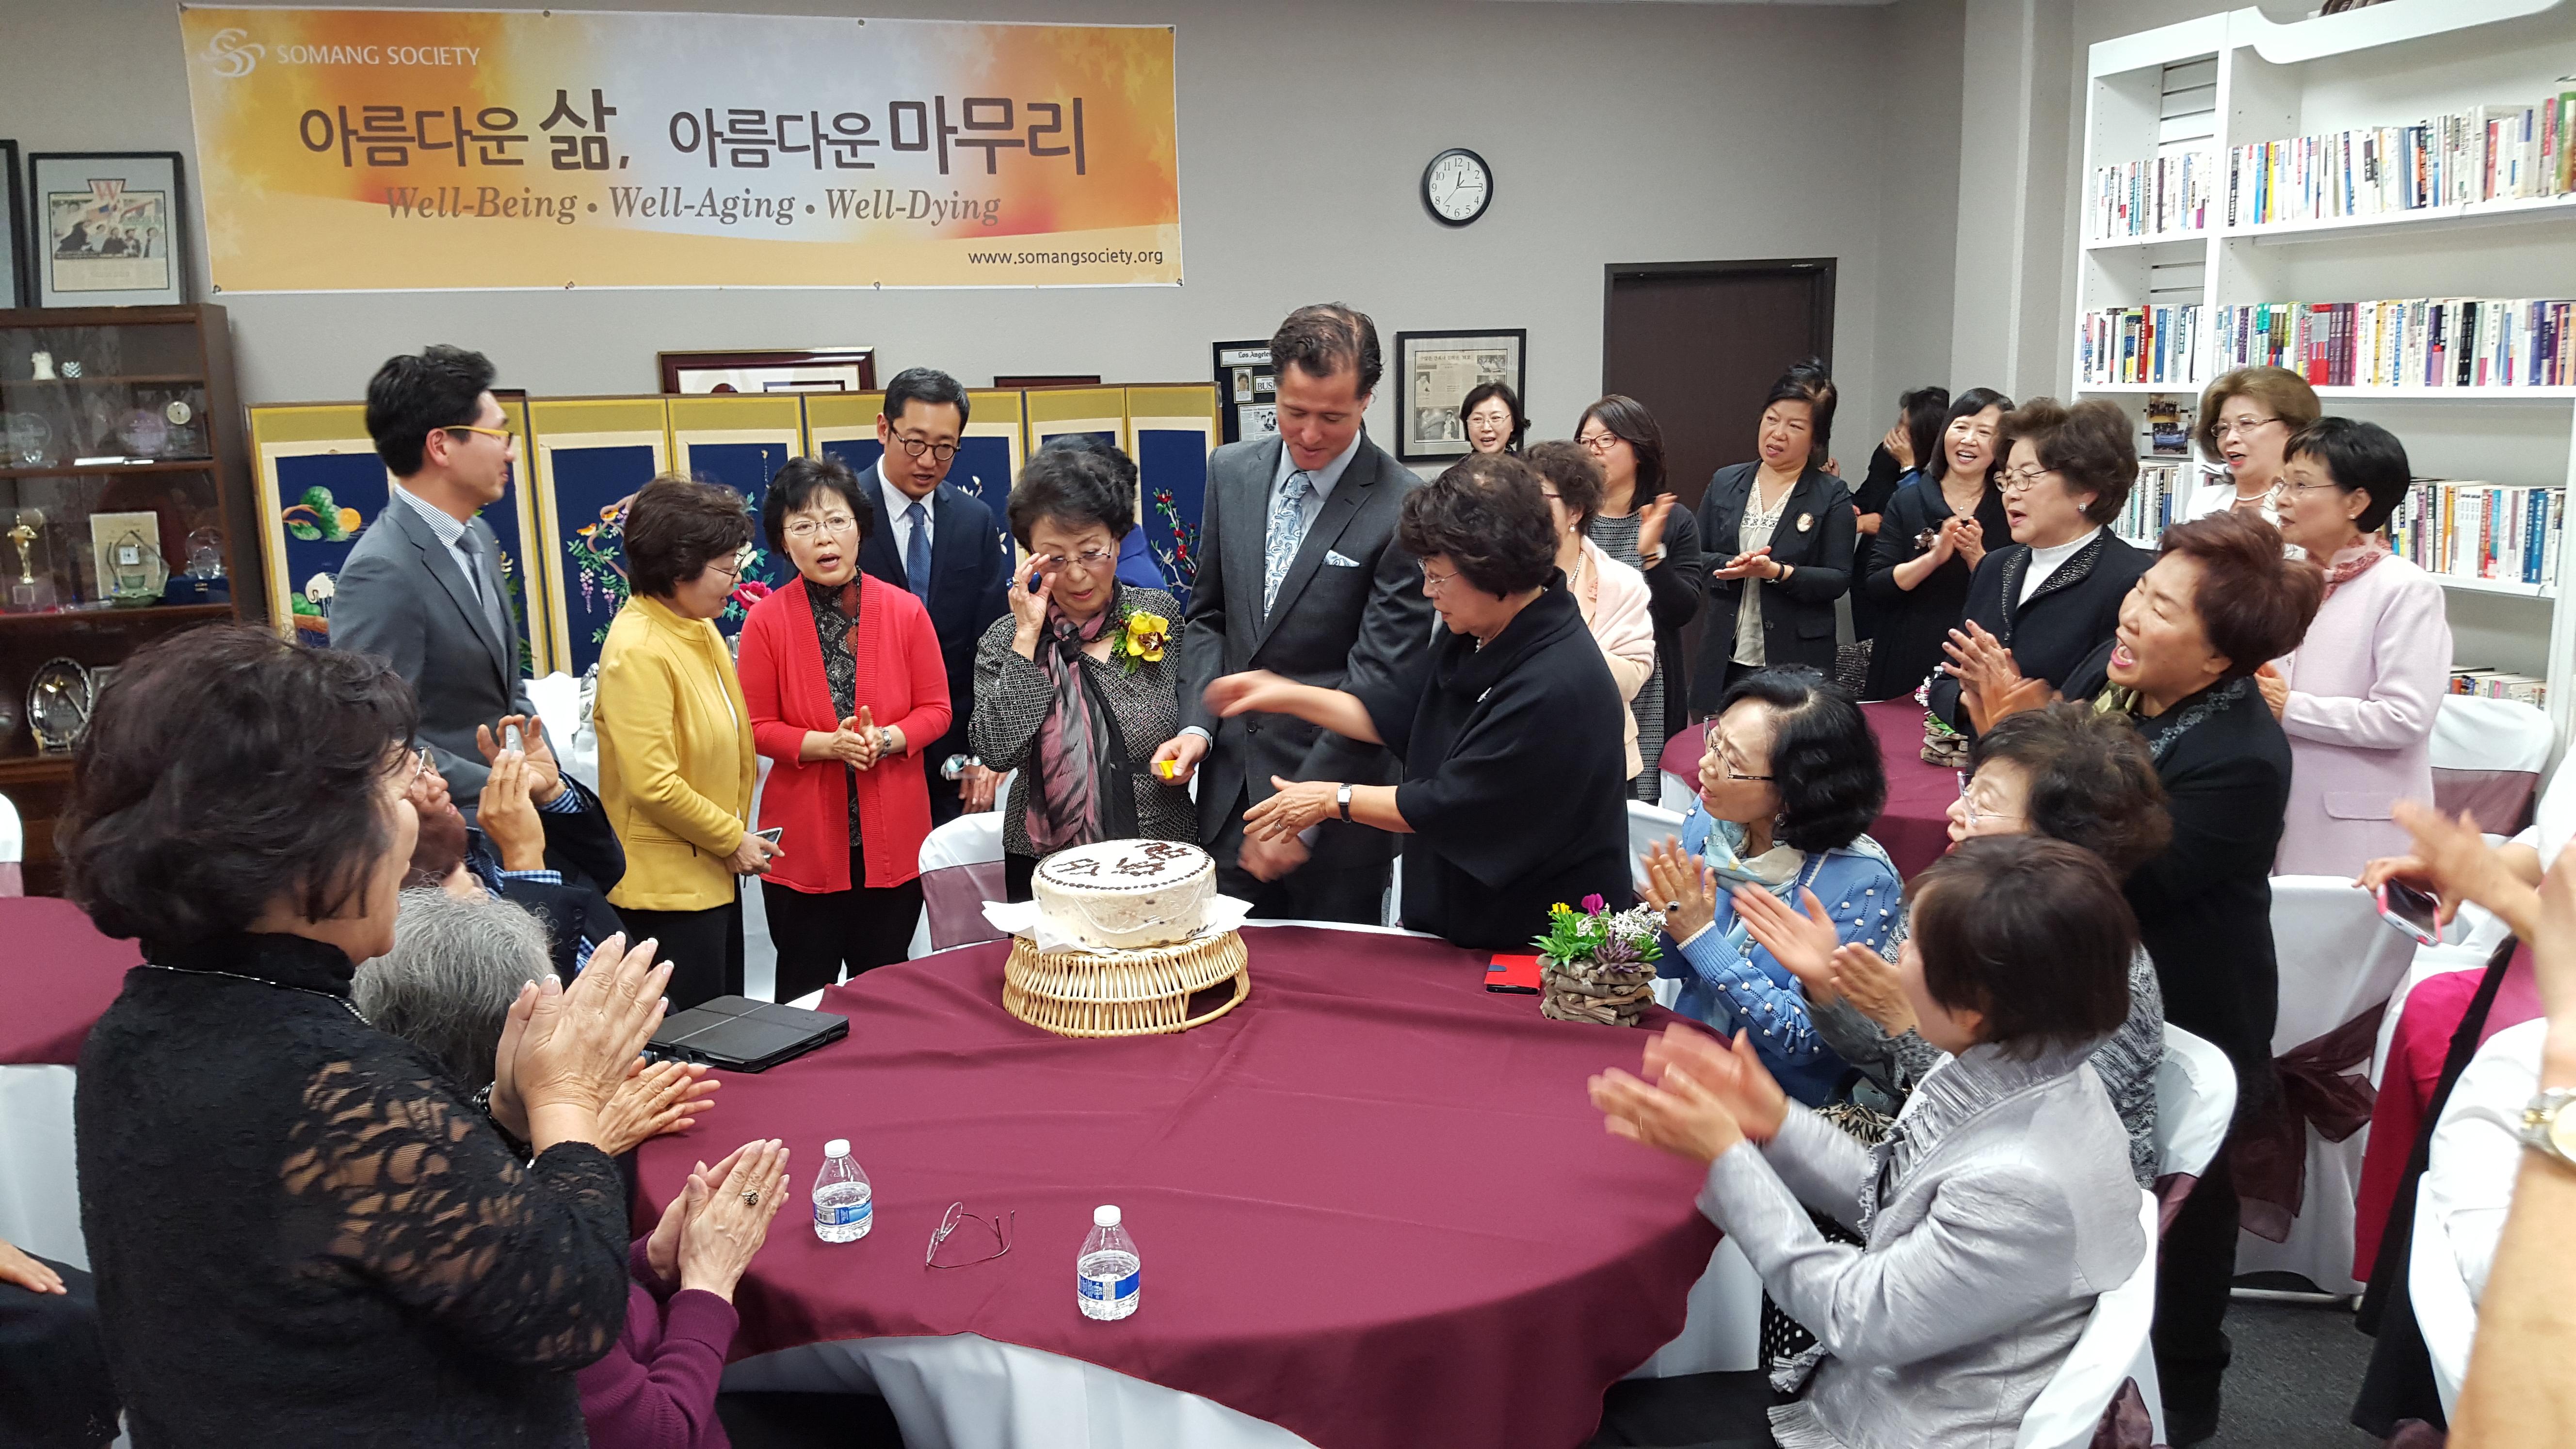 [모임] 평생회원 안정옥 권사님 80세 생신 축하모임